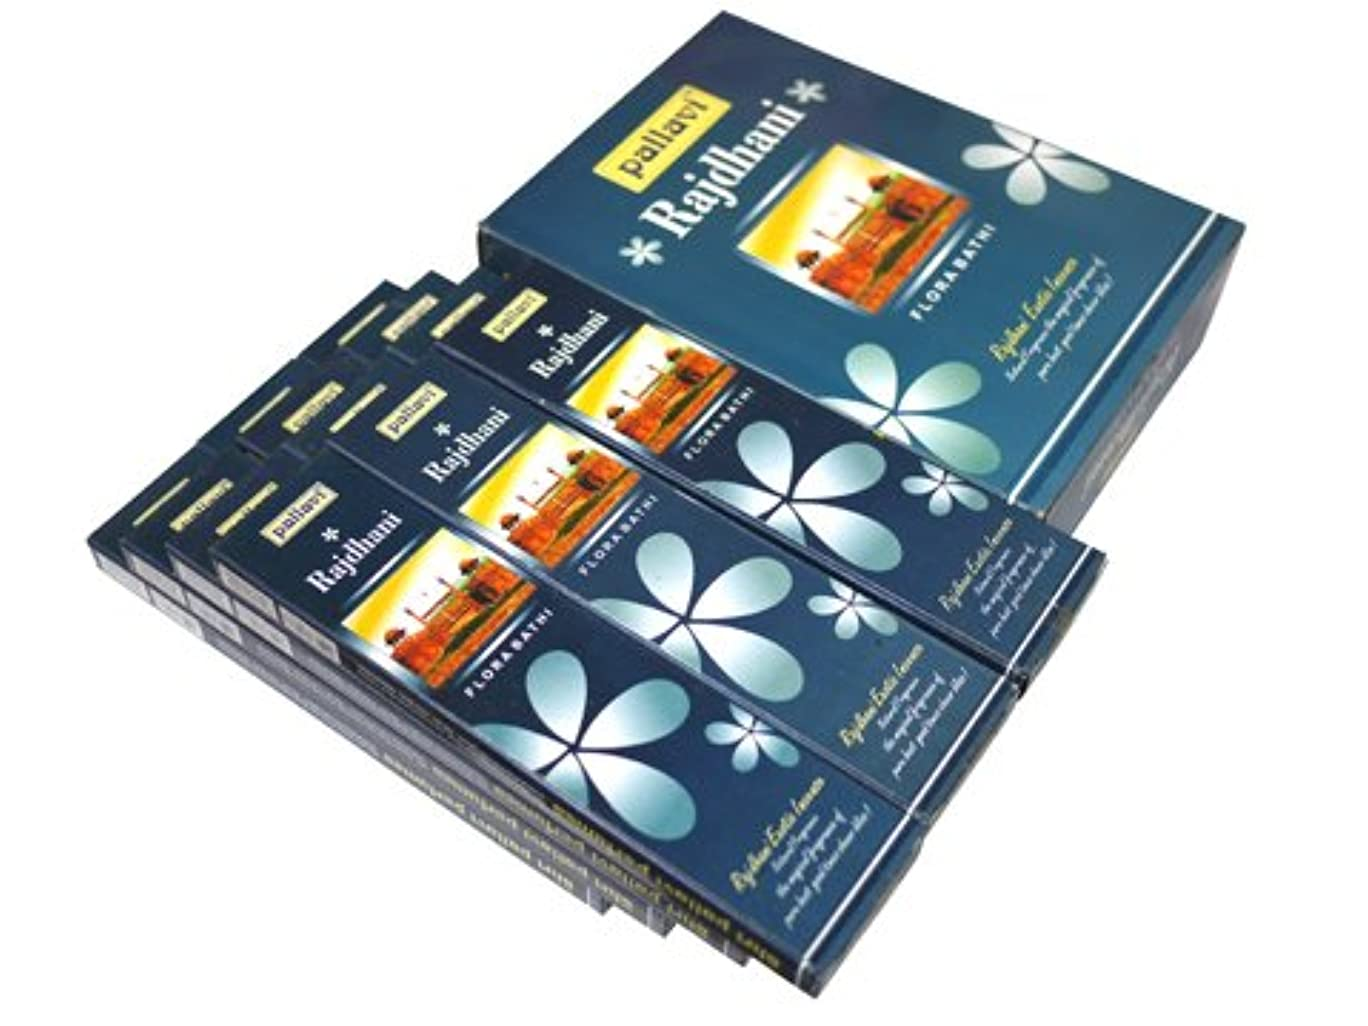 節約気怠い創造SHRI PALLAVI(シリ パラヴィ) RAJDHANI ラージダーニ香 スティック 12箱セット